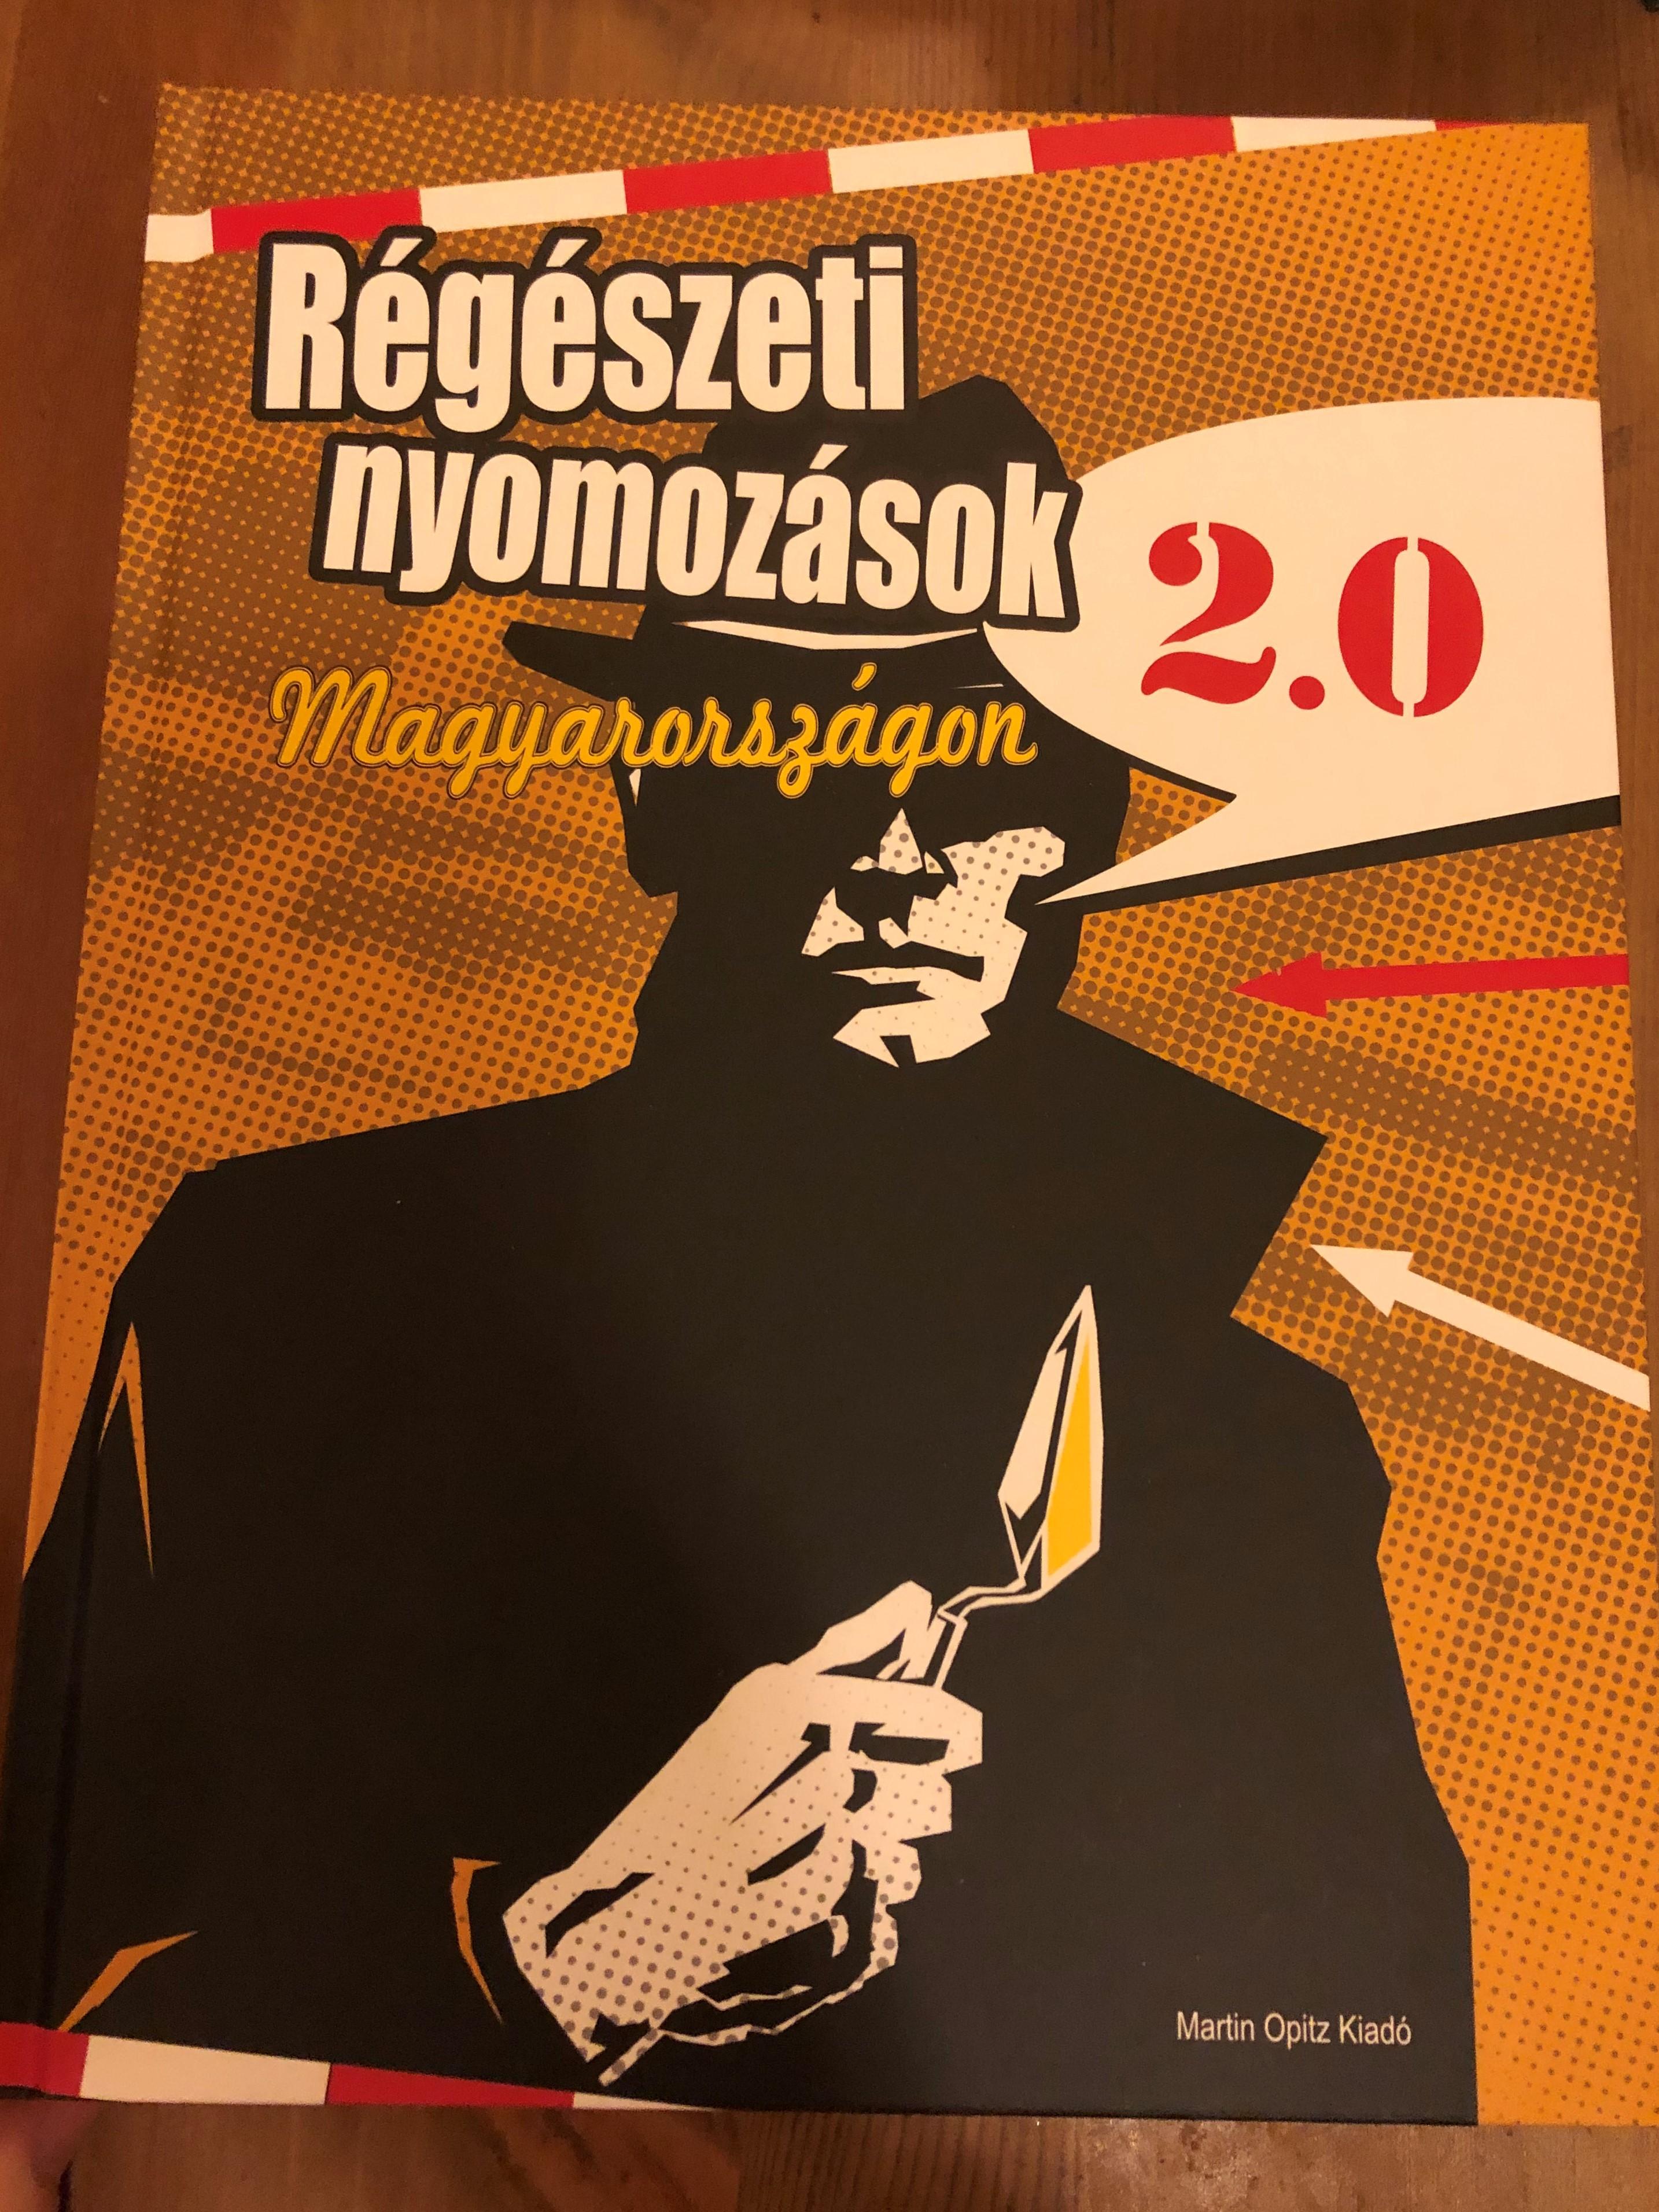 r-g-szeti-nyomoz-sok-magyarorsz-gon-2.0-1.jpg